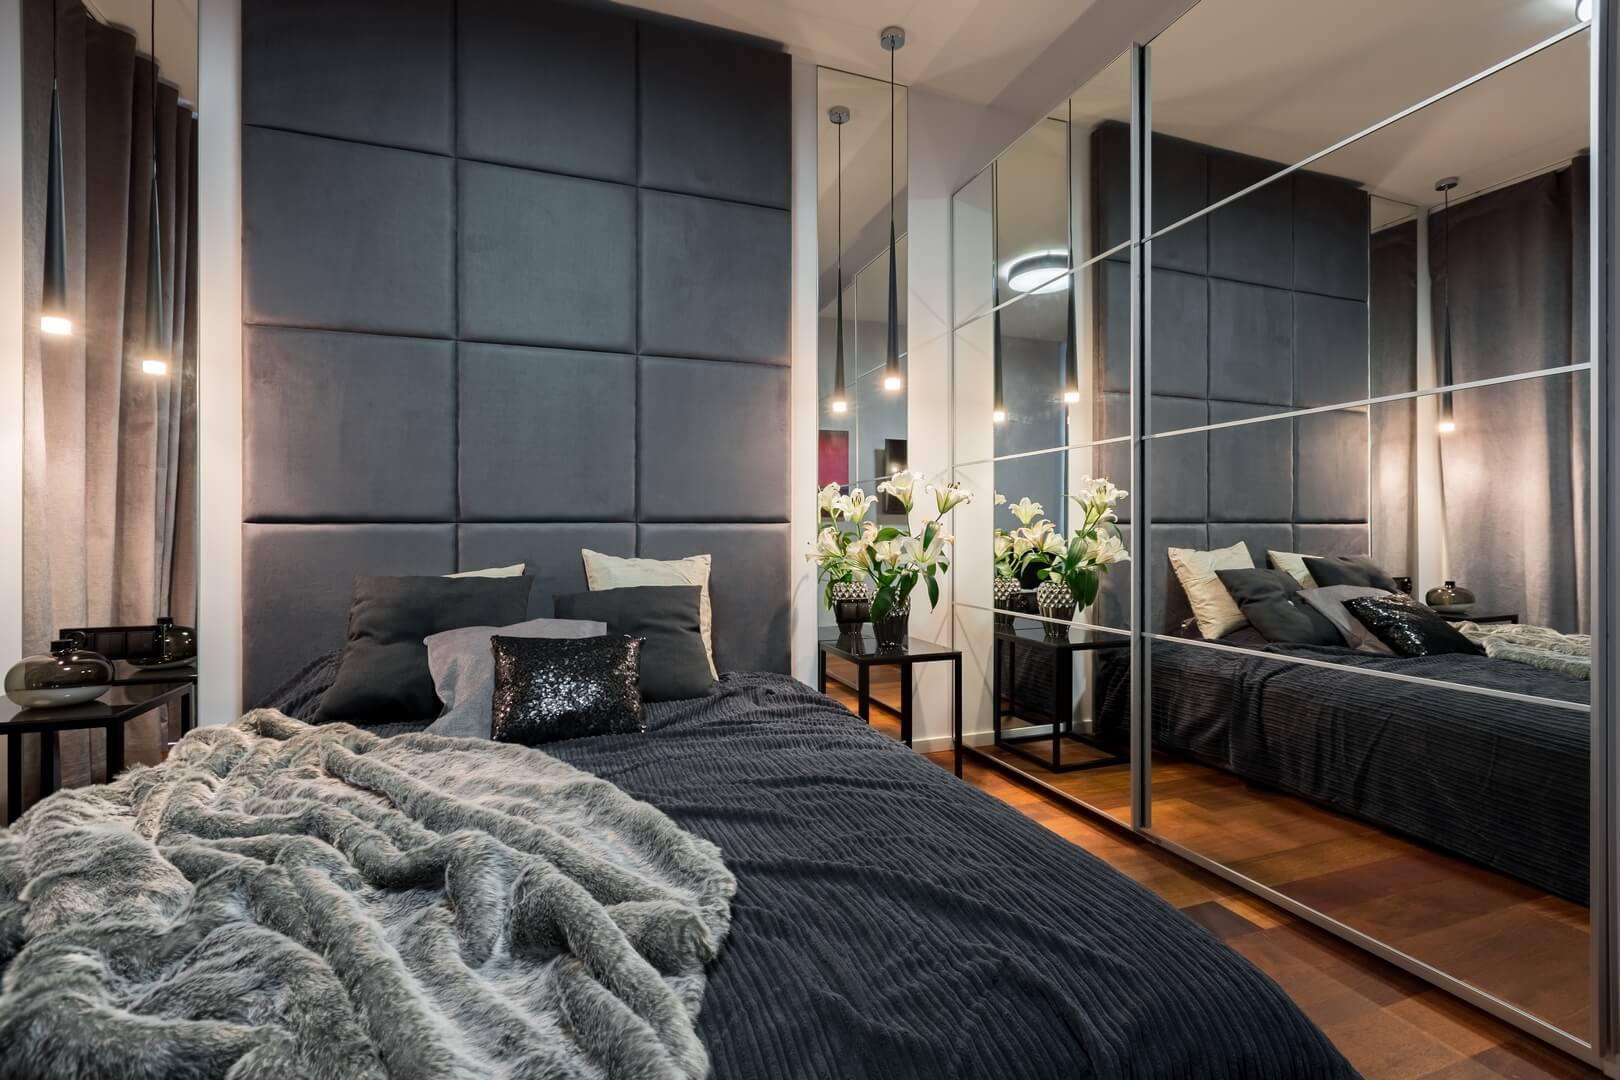 Szafa na wymiar z lustrem na drzwiach przesuwnych w sypialni